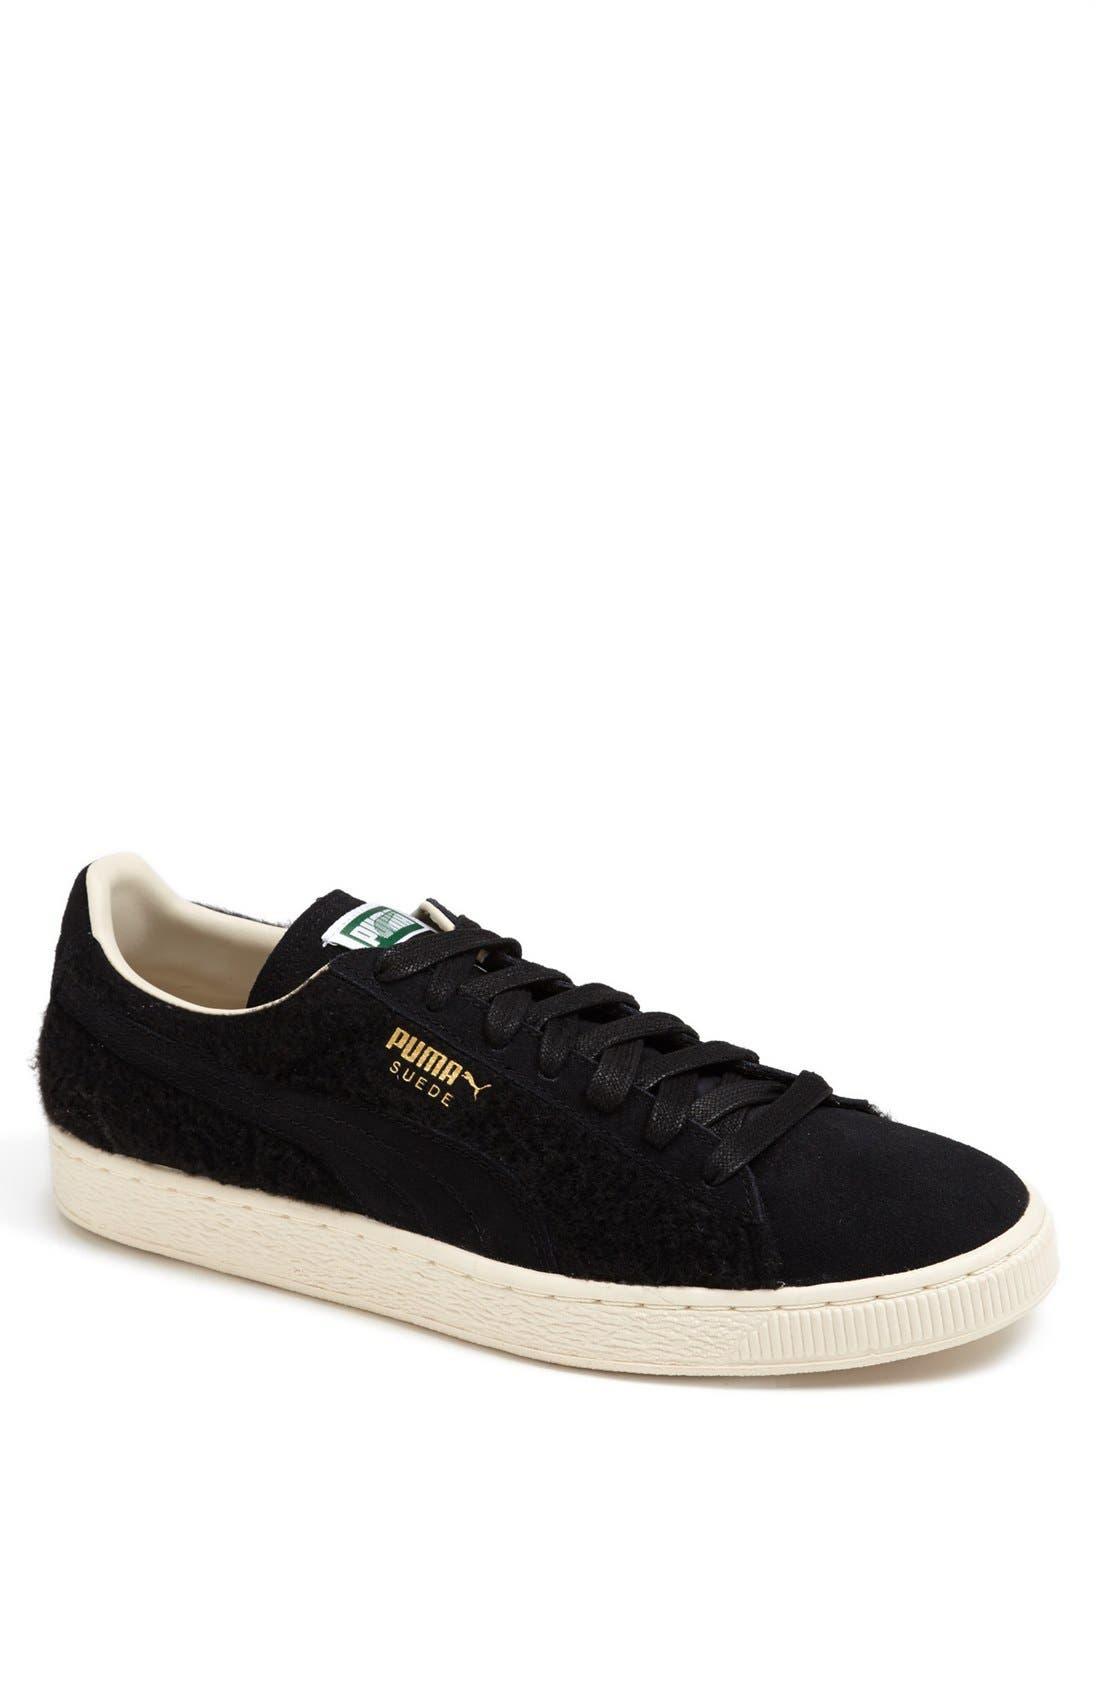 'Suede City' Sneaker, Main, color, 001